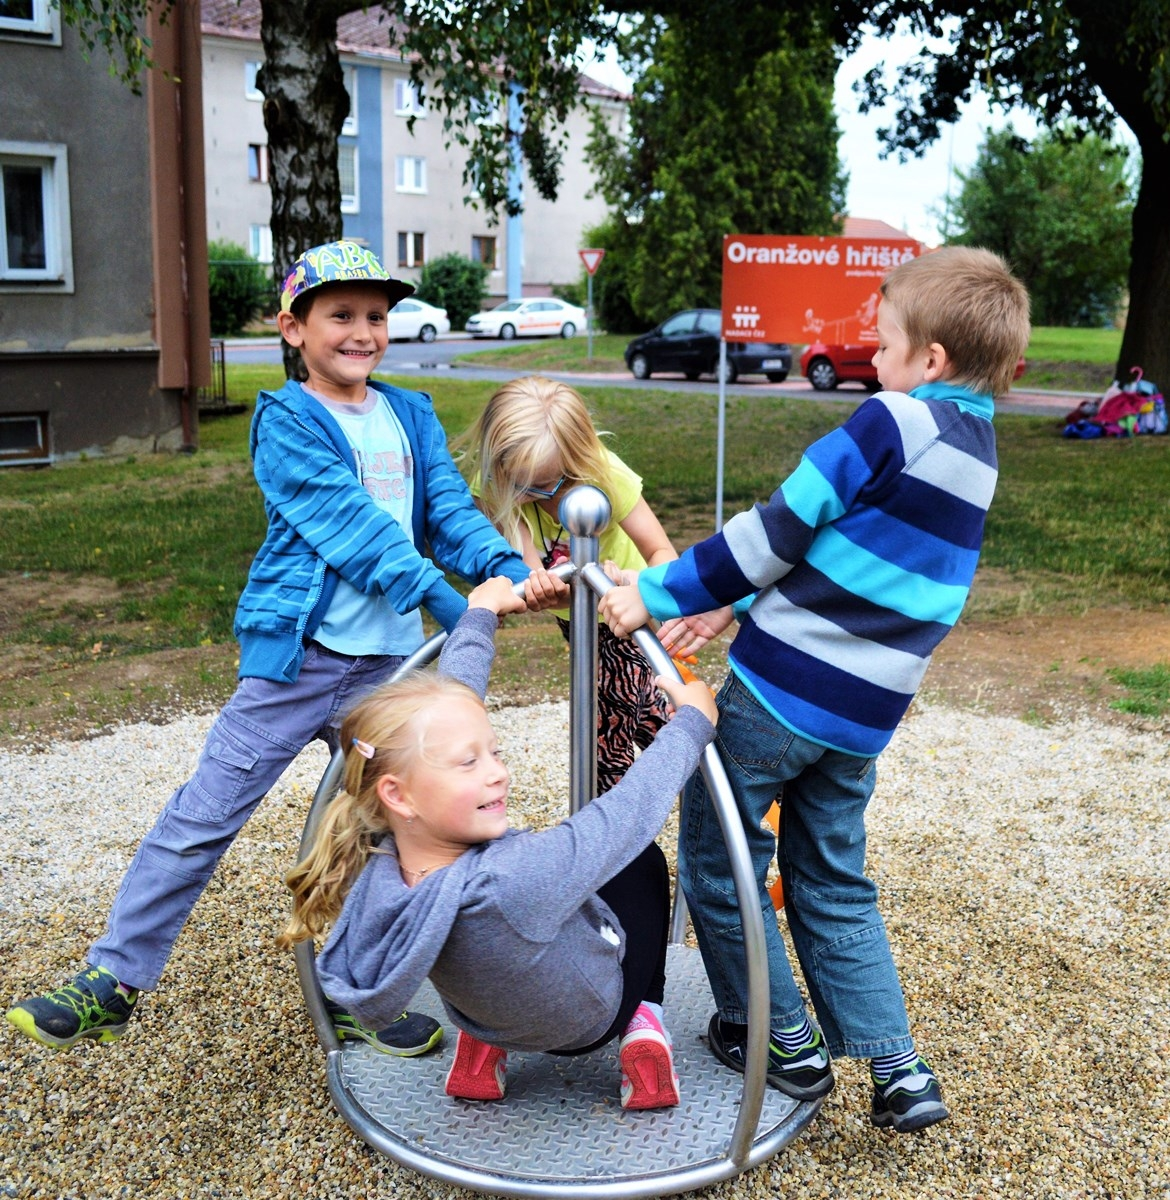 V Mohelnici letos otevřeli během pár týdnů druhé dětské hřiště zdroj foto: V. Sobol